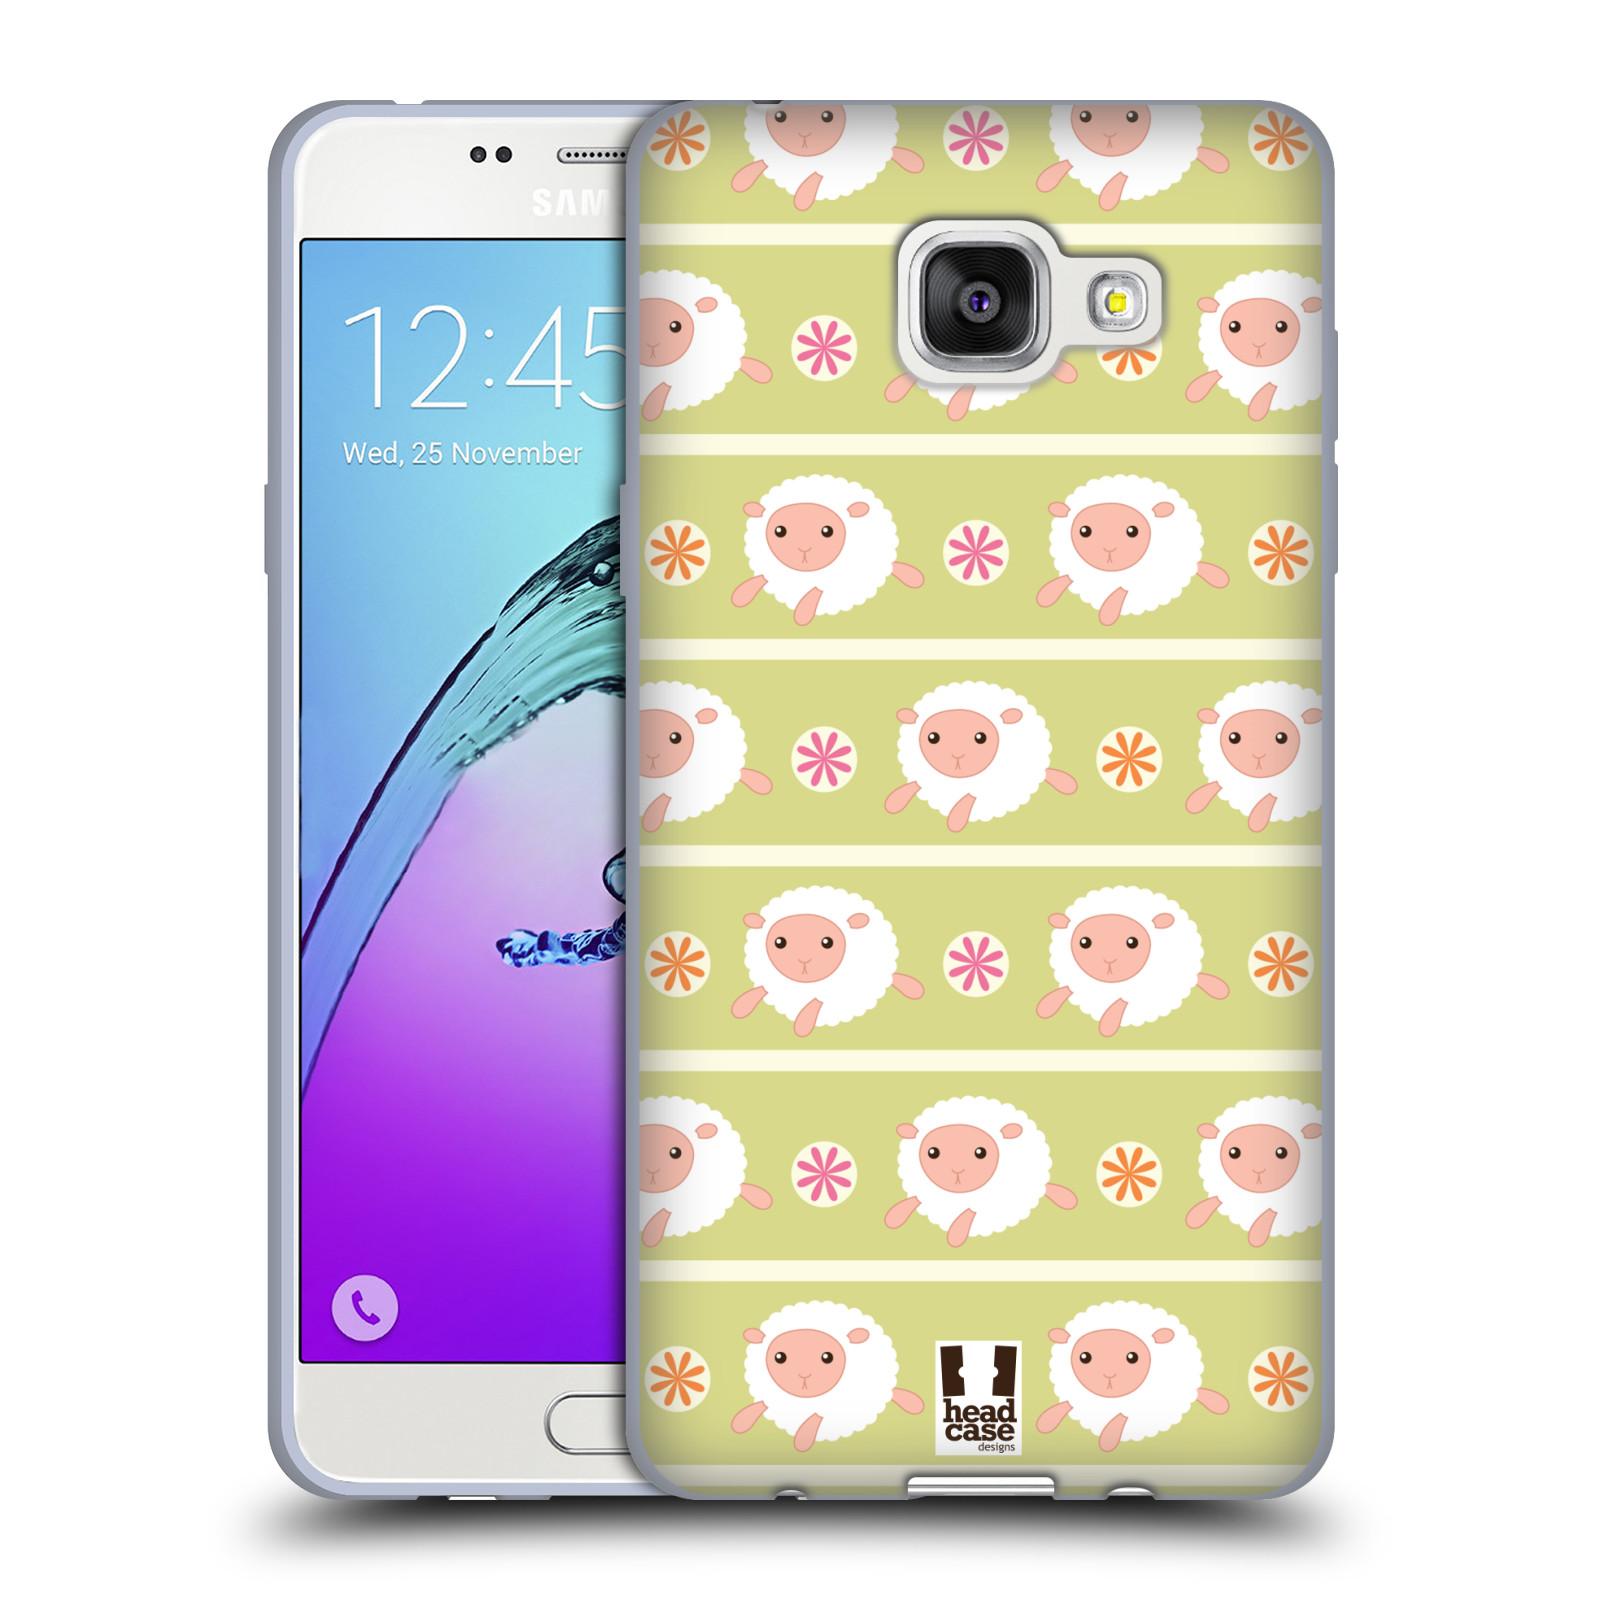 HEAD CASE silikonový obal na mobil Samsung Galaxy A5 (2016) vzor roztomilé zvířecí vzory ovečky